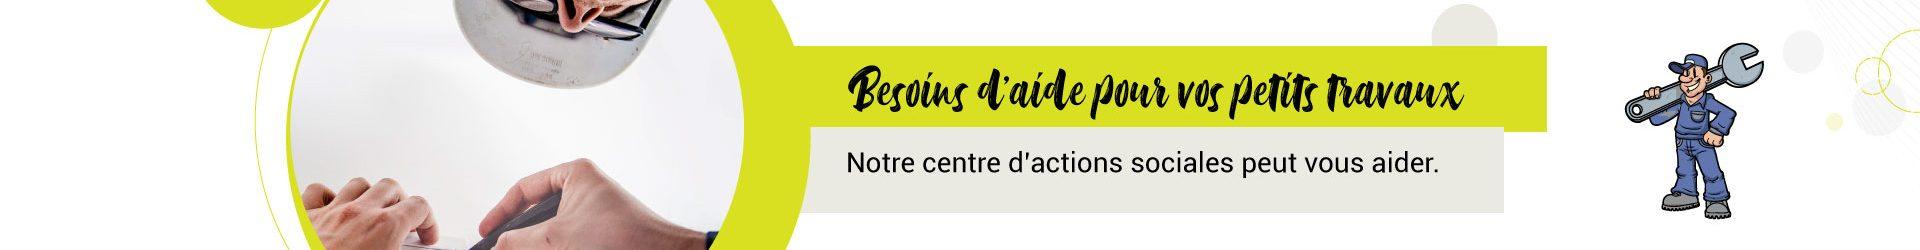 Le Centre intercommunal d'actions sociales : des services adaptés à vos besoins